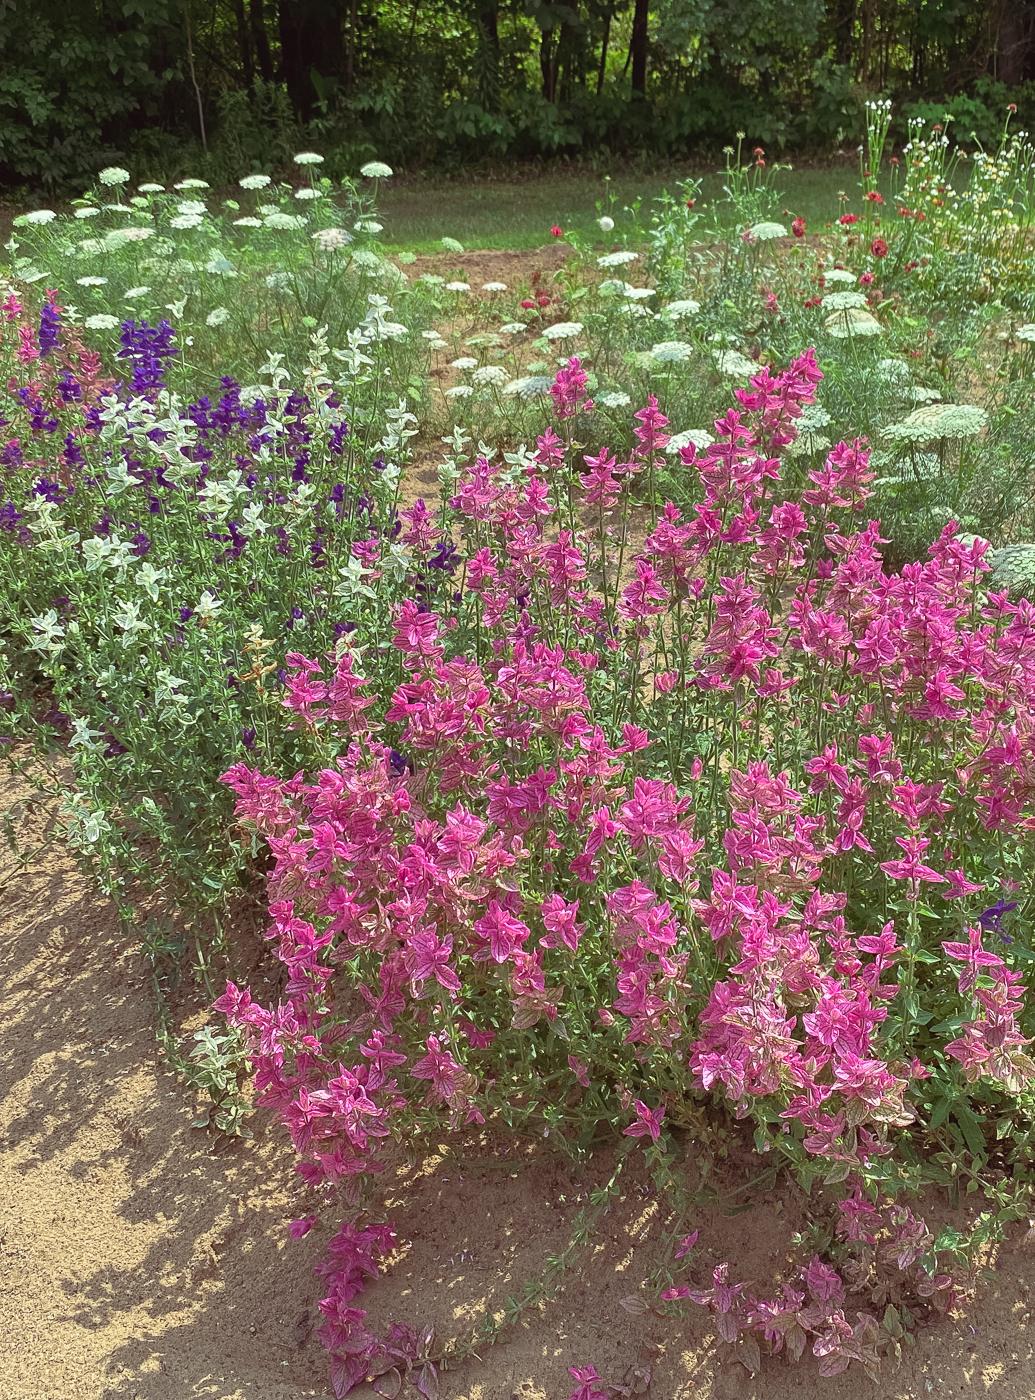 Salvia greggii, summer garden flowers, blooming flowers, summer flowers that bloom